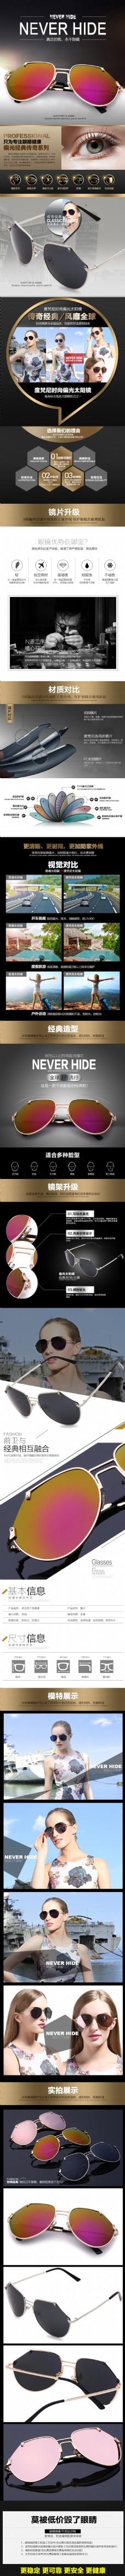 天猫太阳镜、眼镜、偏光镜详情模板